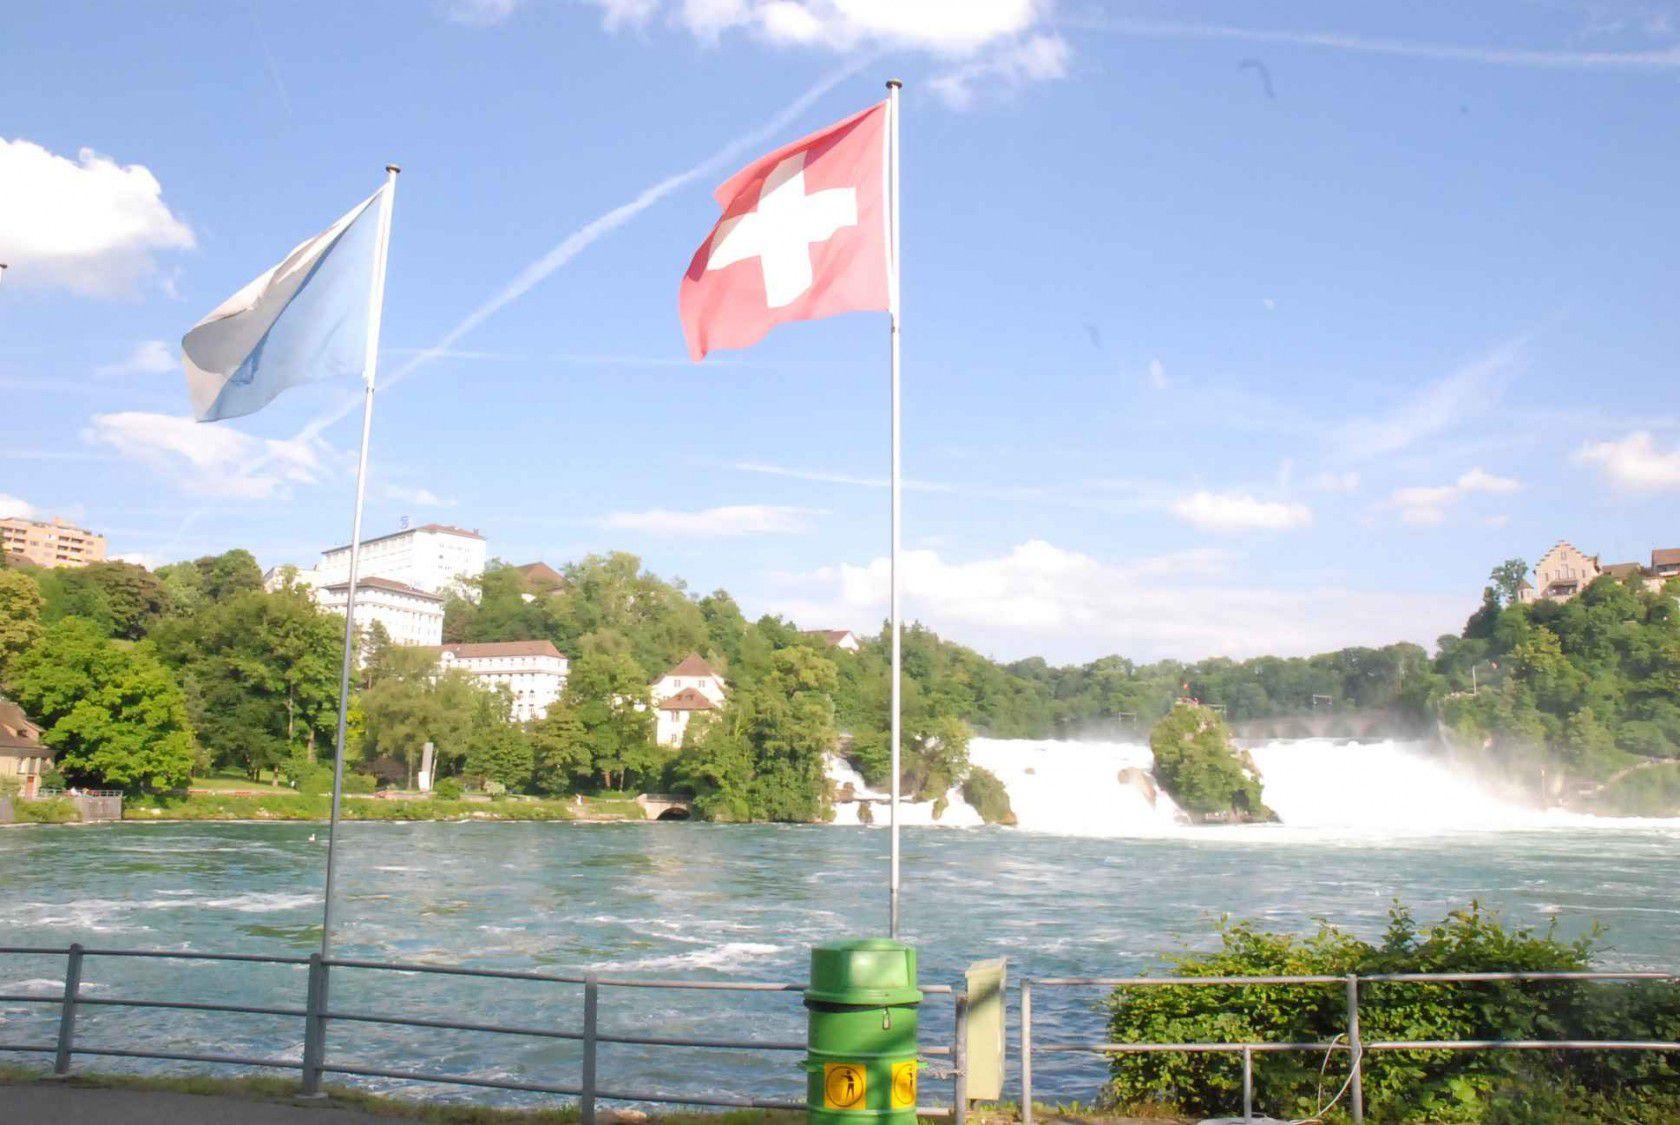 İsviçre'de Eğitim Alırken Gezebileceğiniz Yedi Yer